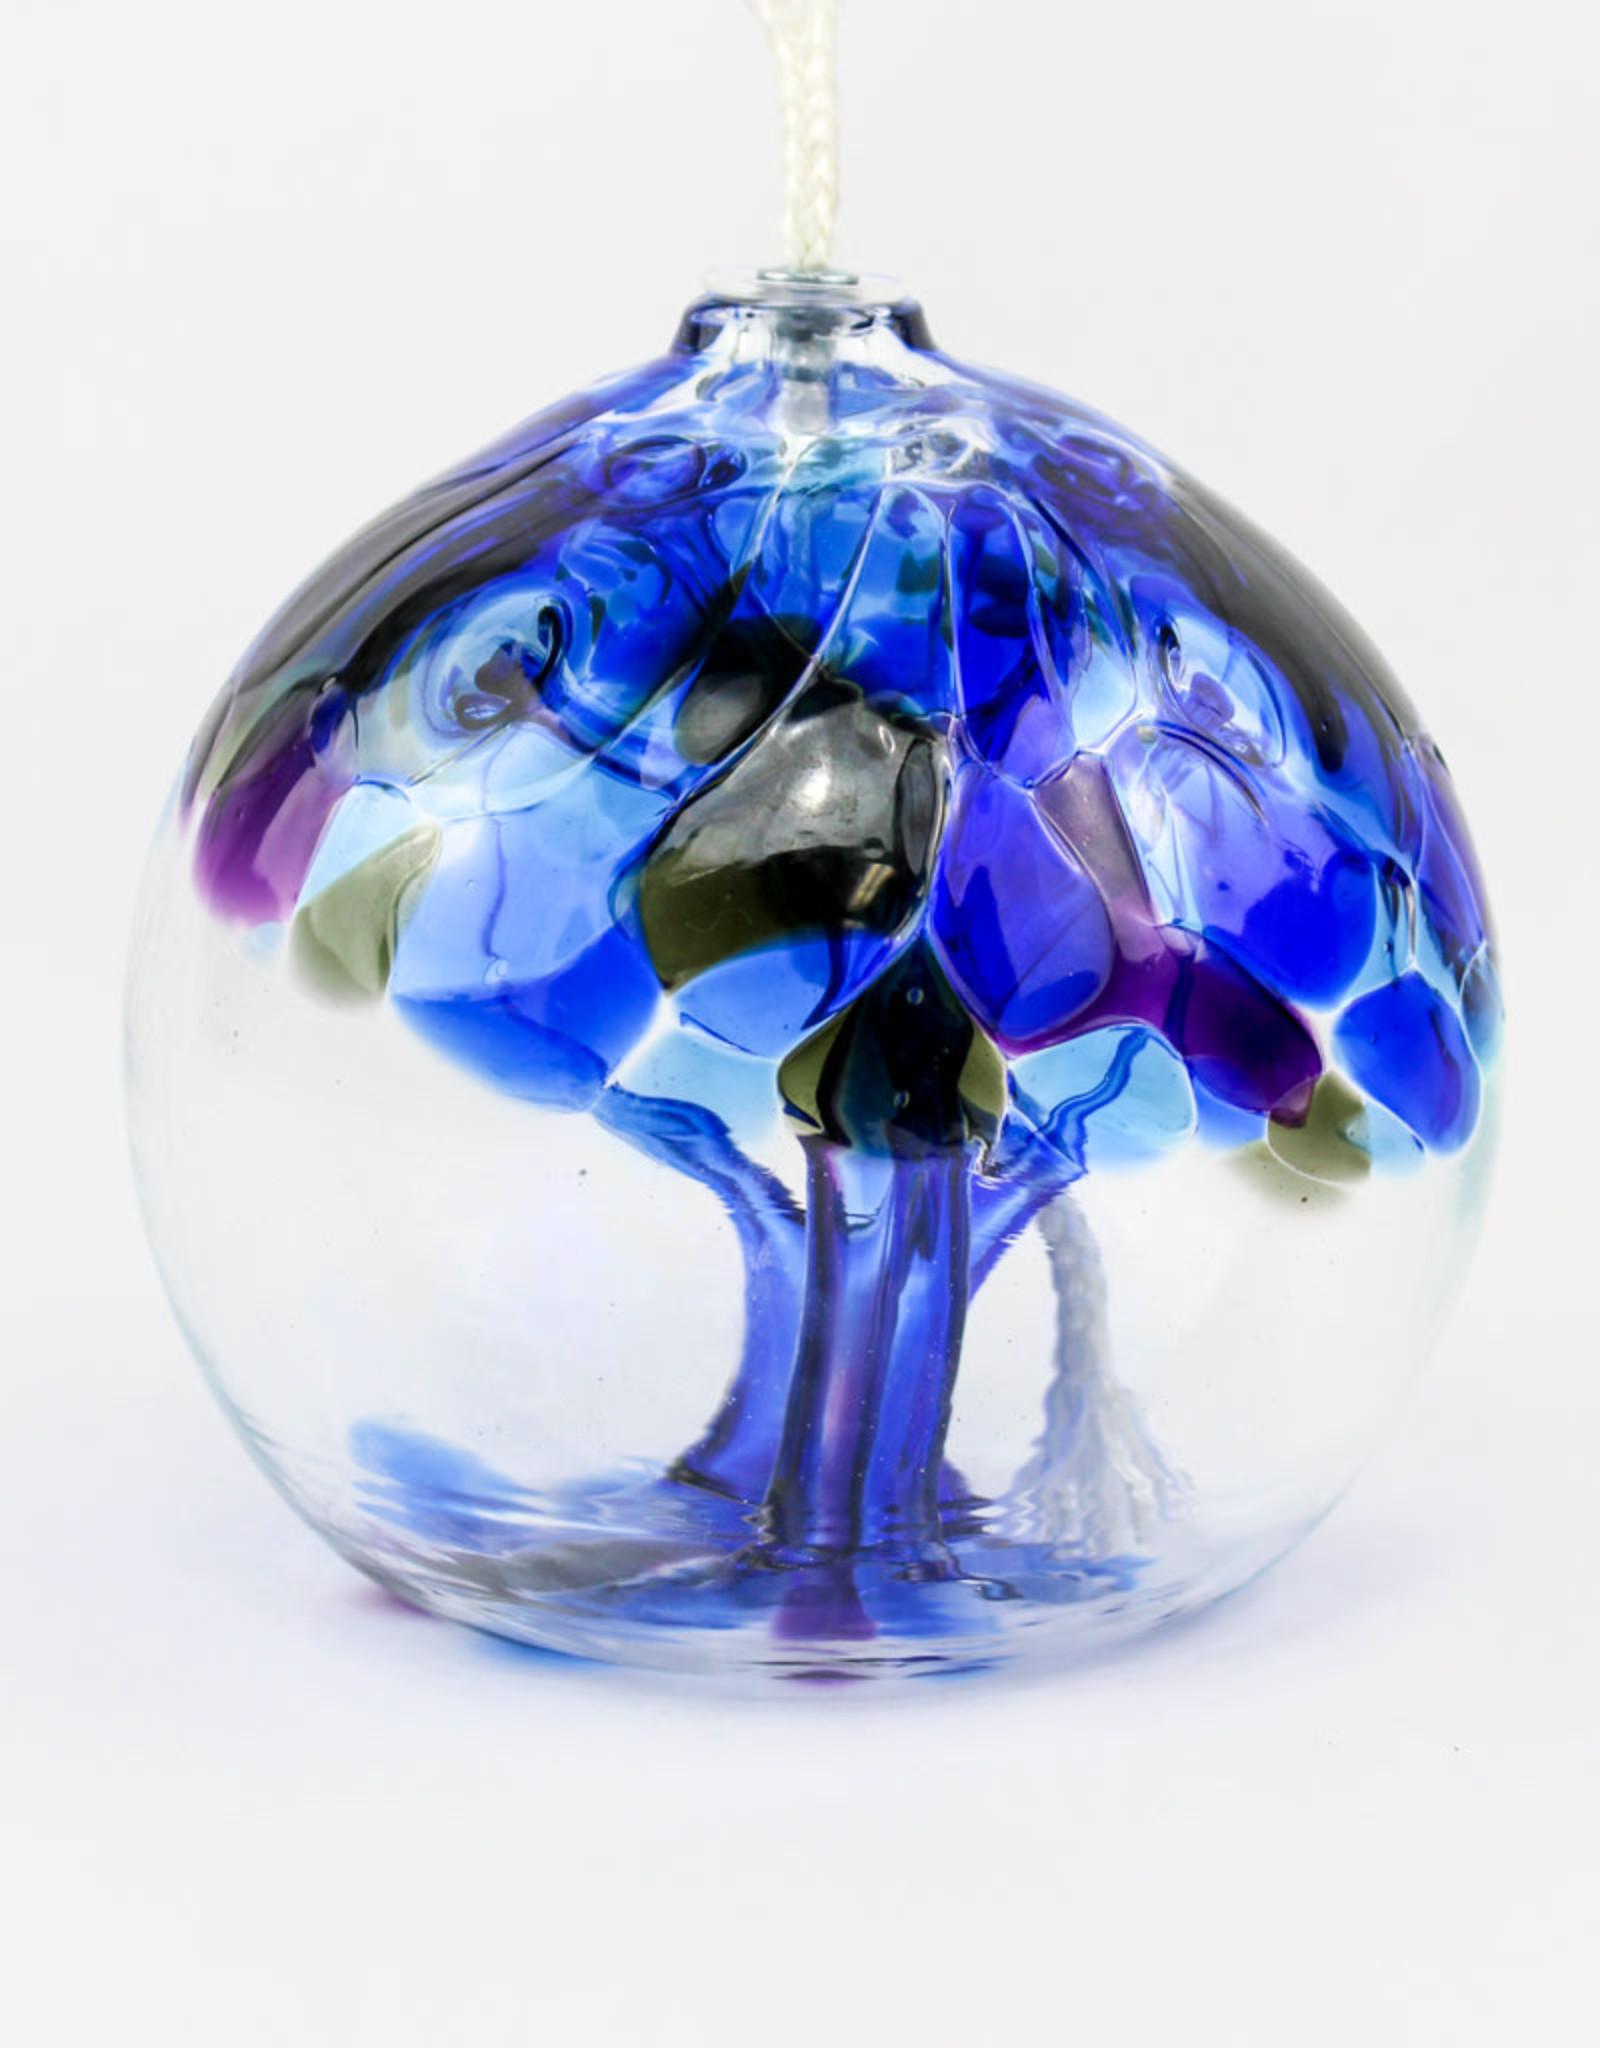 Kitras Glass Oil Lamp - Winter